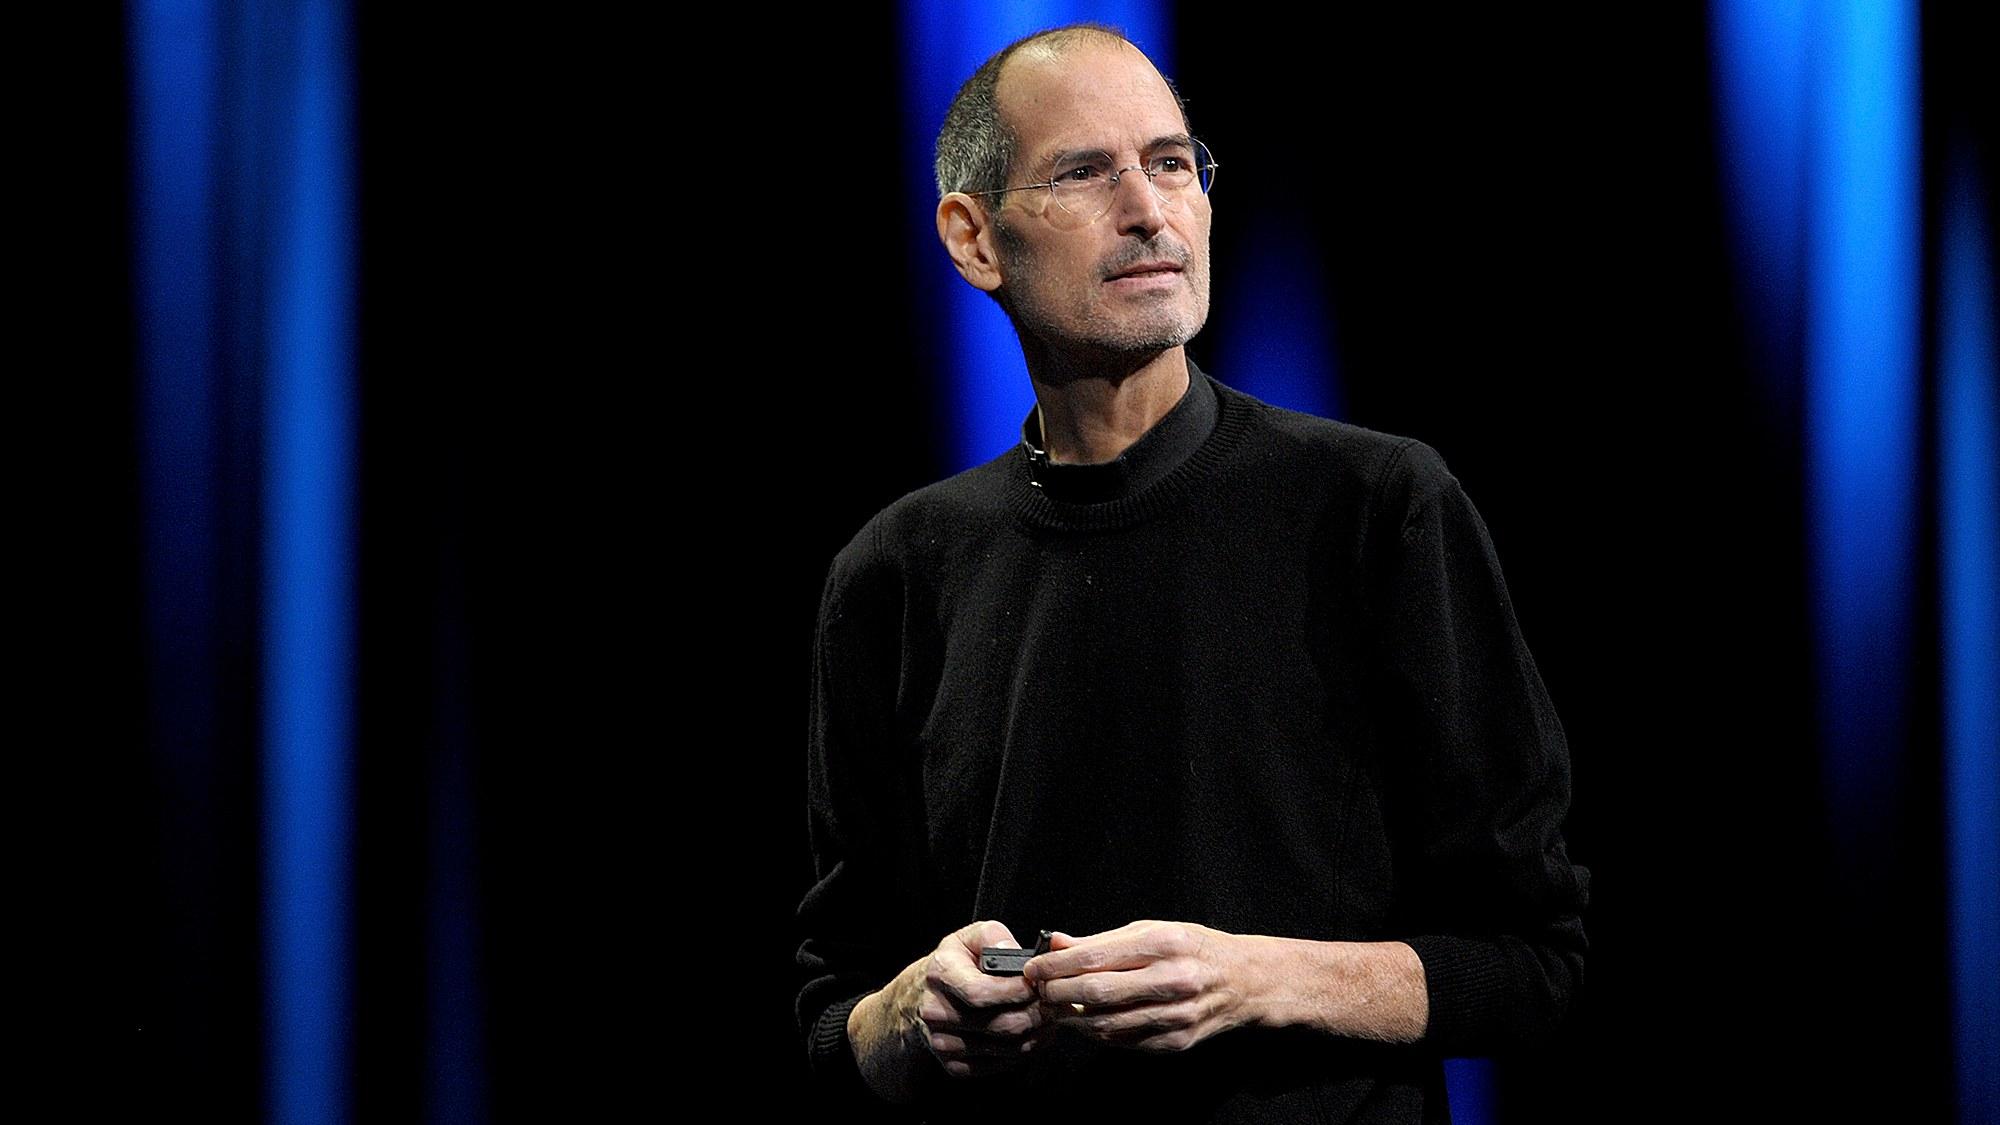 El disquete más caro del mundo lleva la firma de Steve Jobs